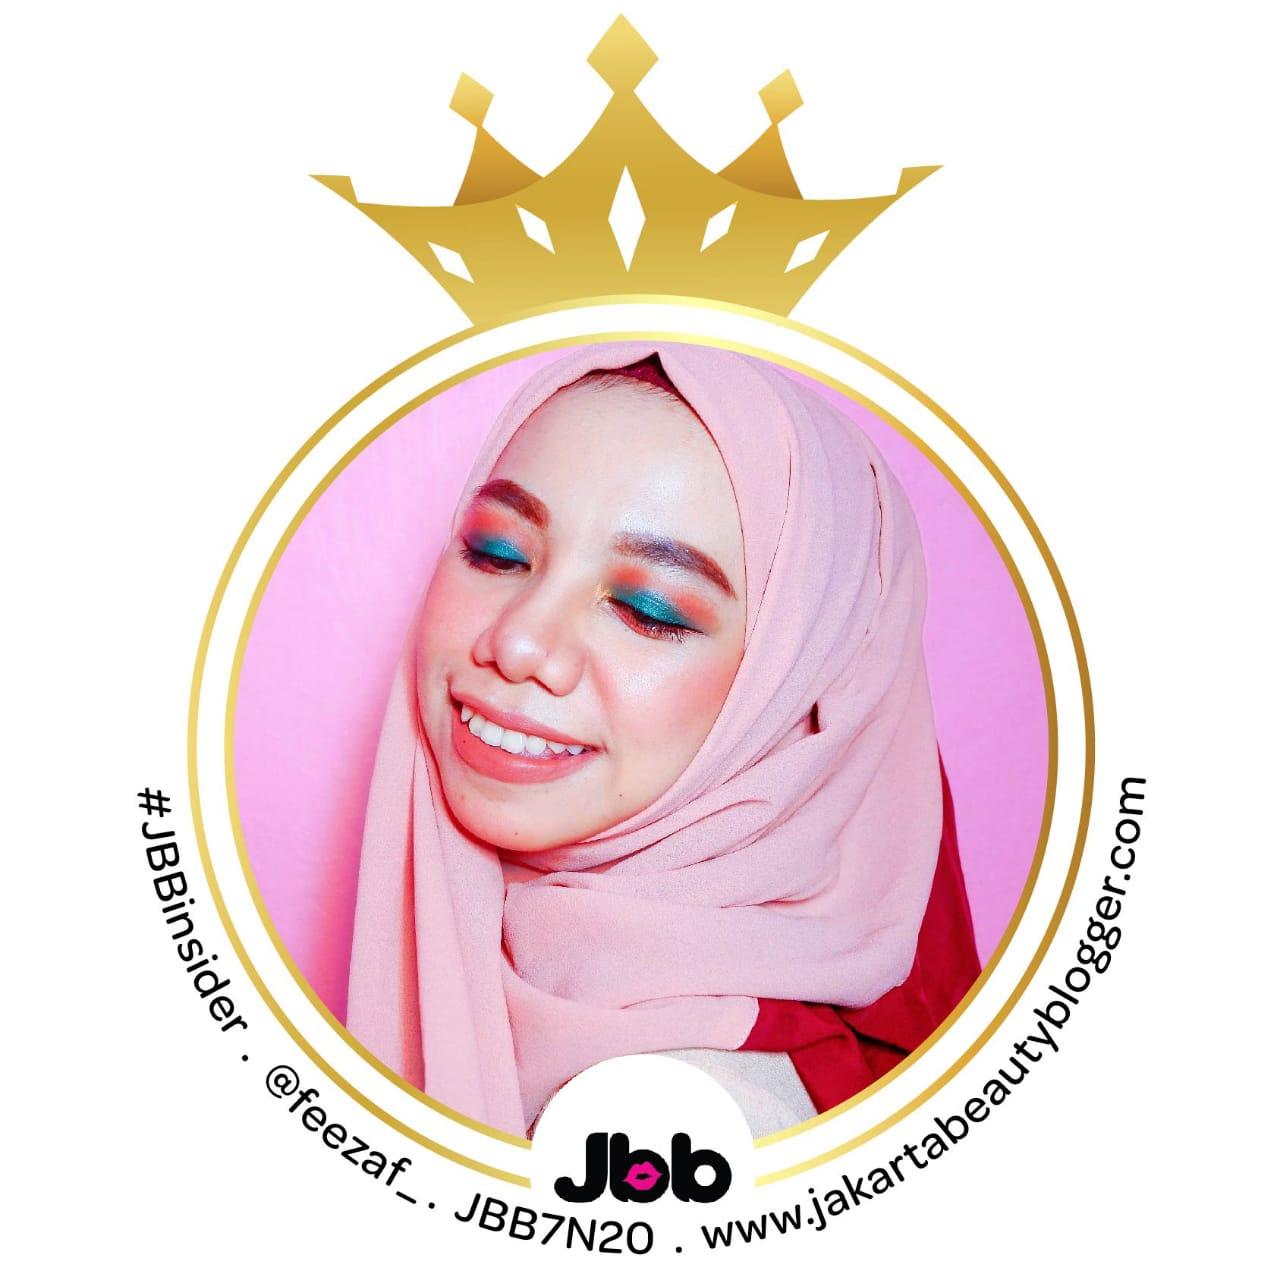 JBB GIRL